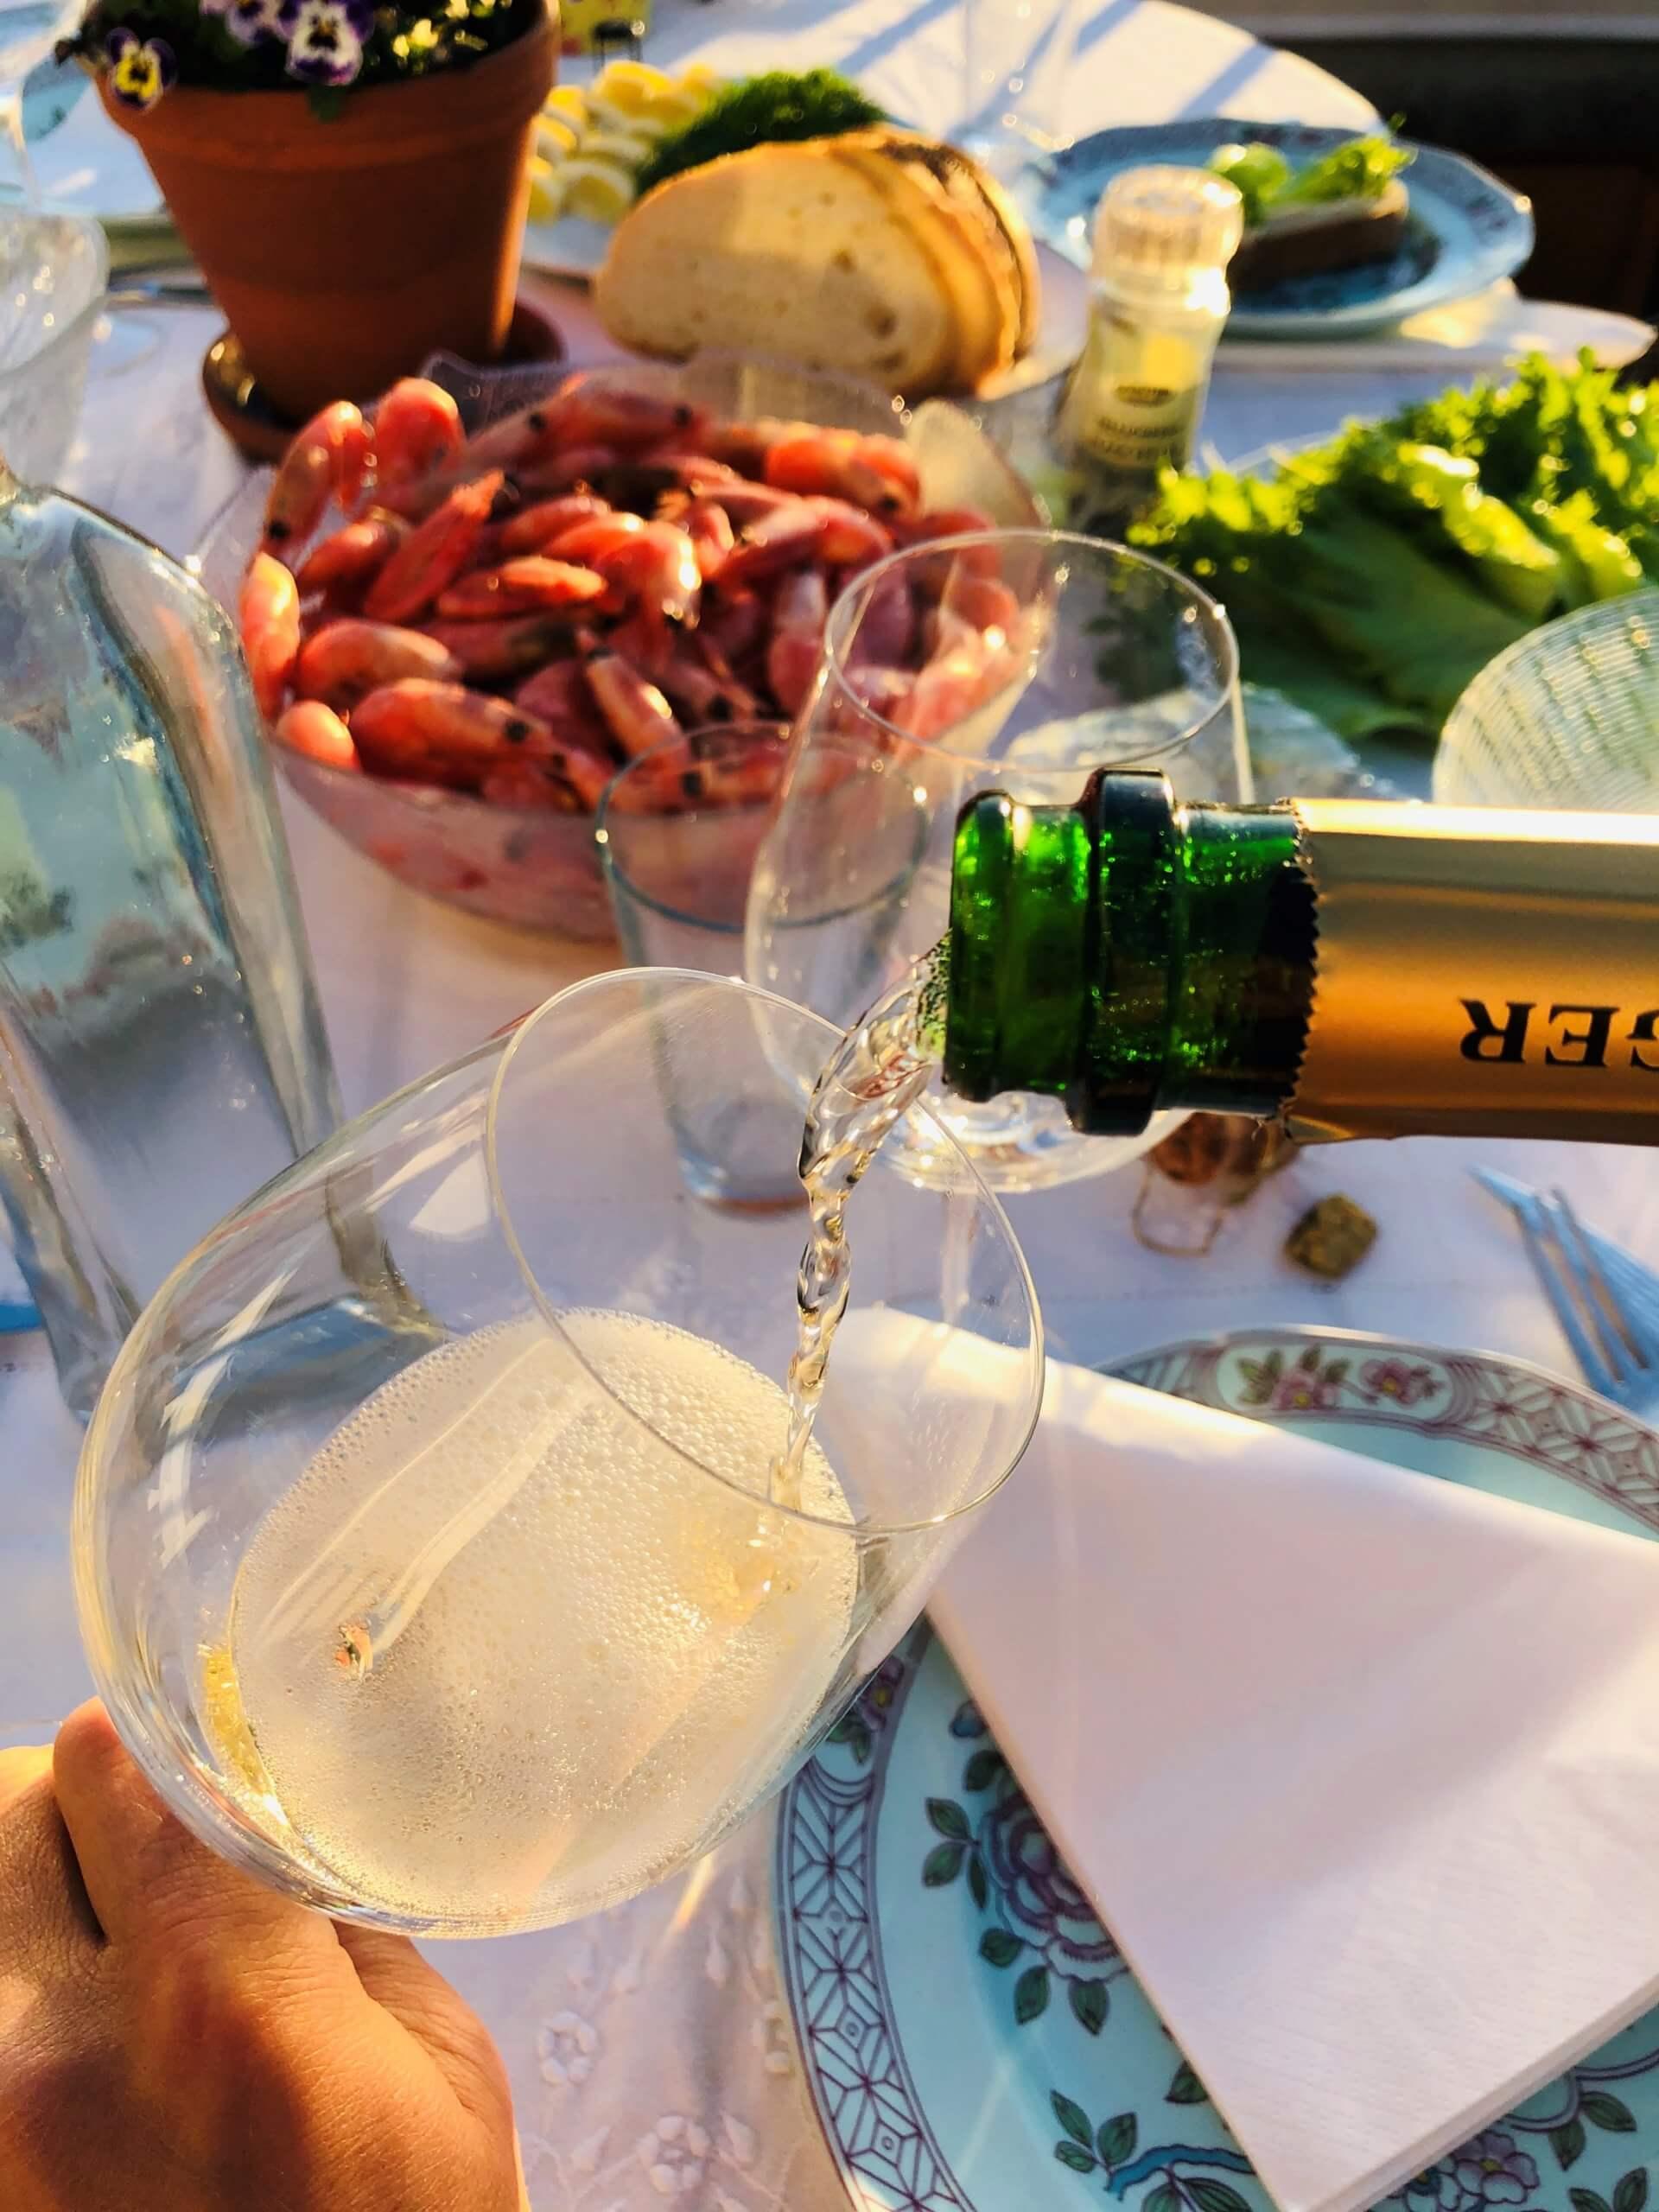 Sommer og sol innbyr gjerne til lyst og lett i glasset og på tallerken. Her kommer forslag til 7 hvitviner til reker som bør passe, og som ikke koster alt for mye.